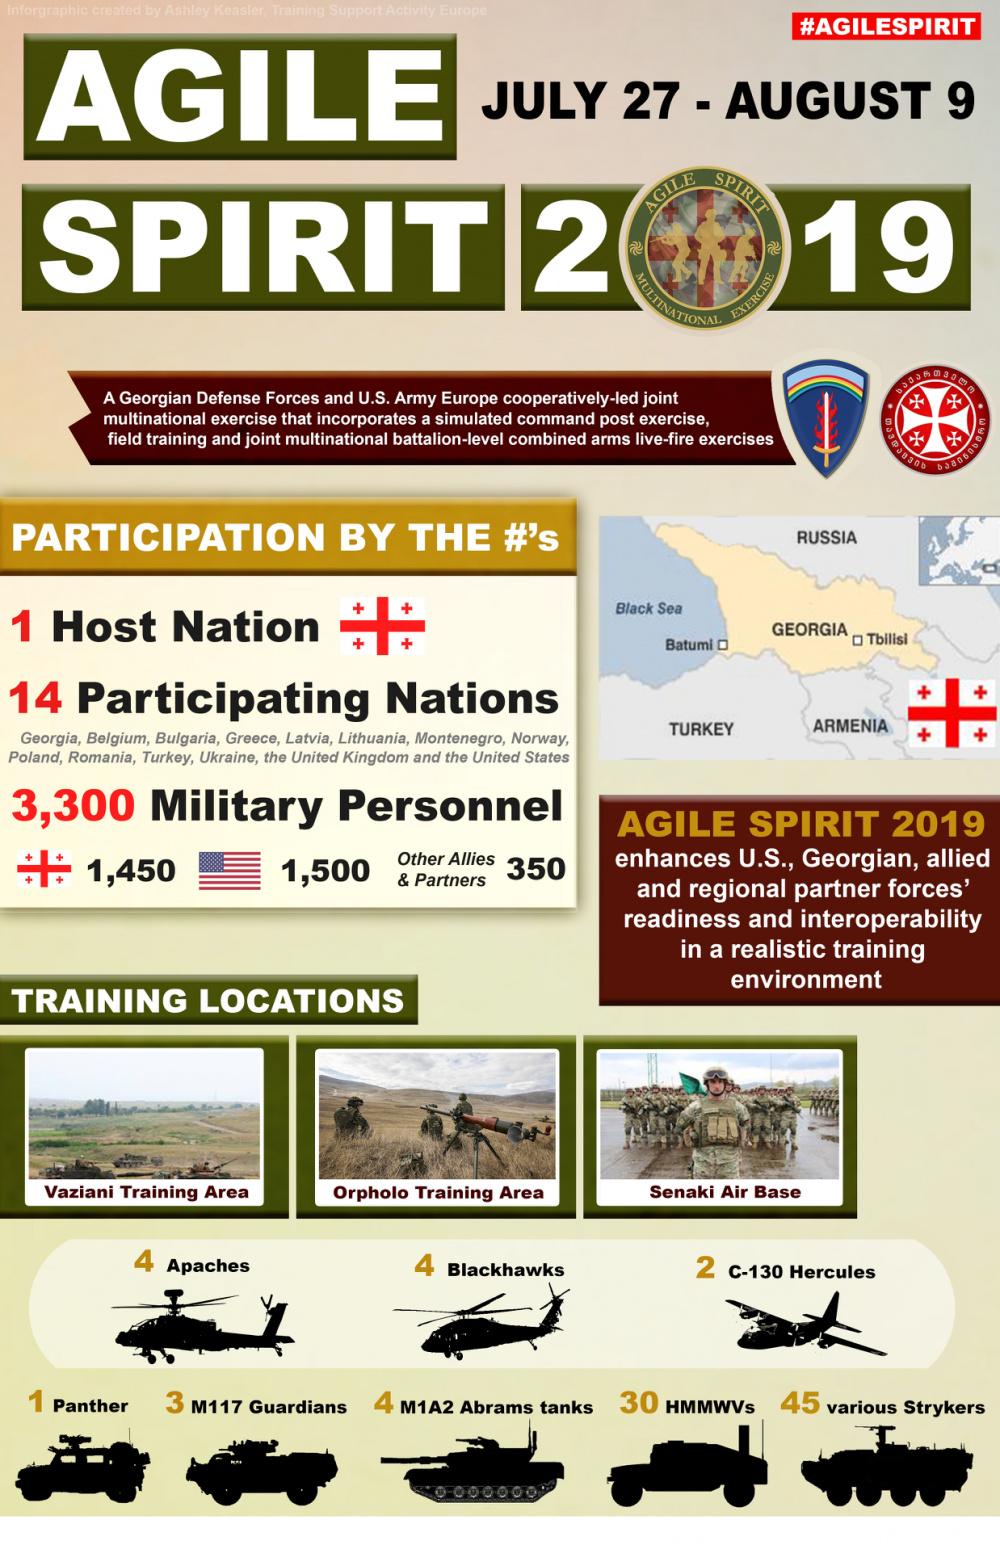 Agile Spirit Infographic